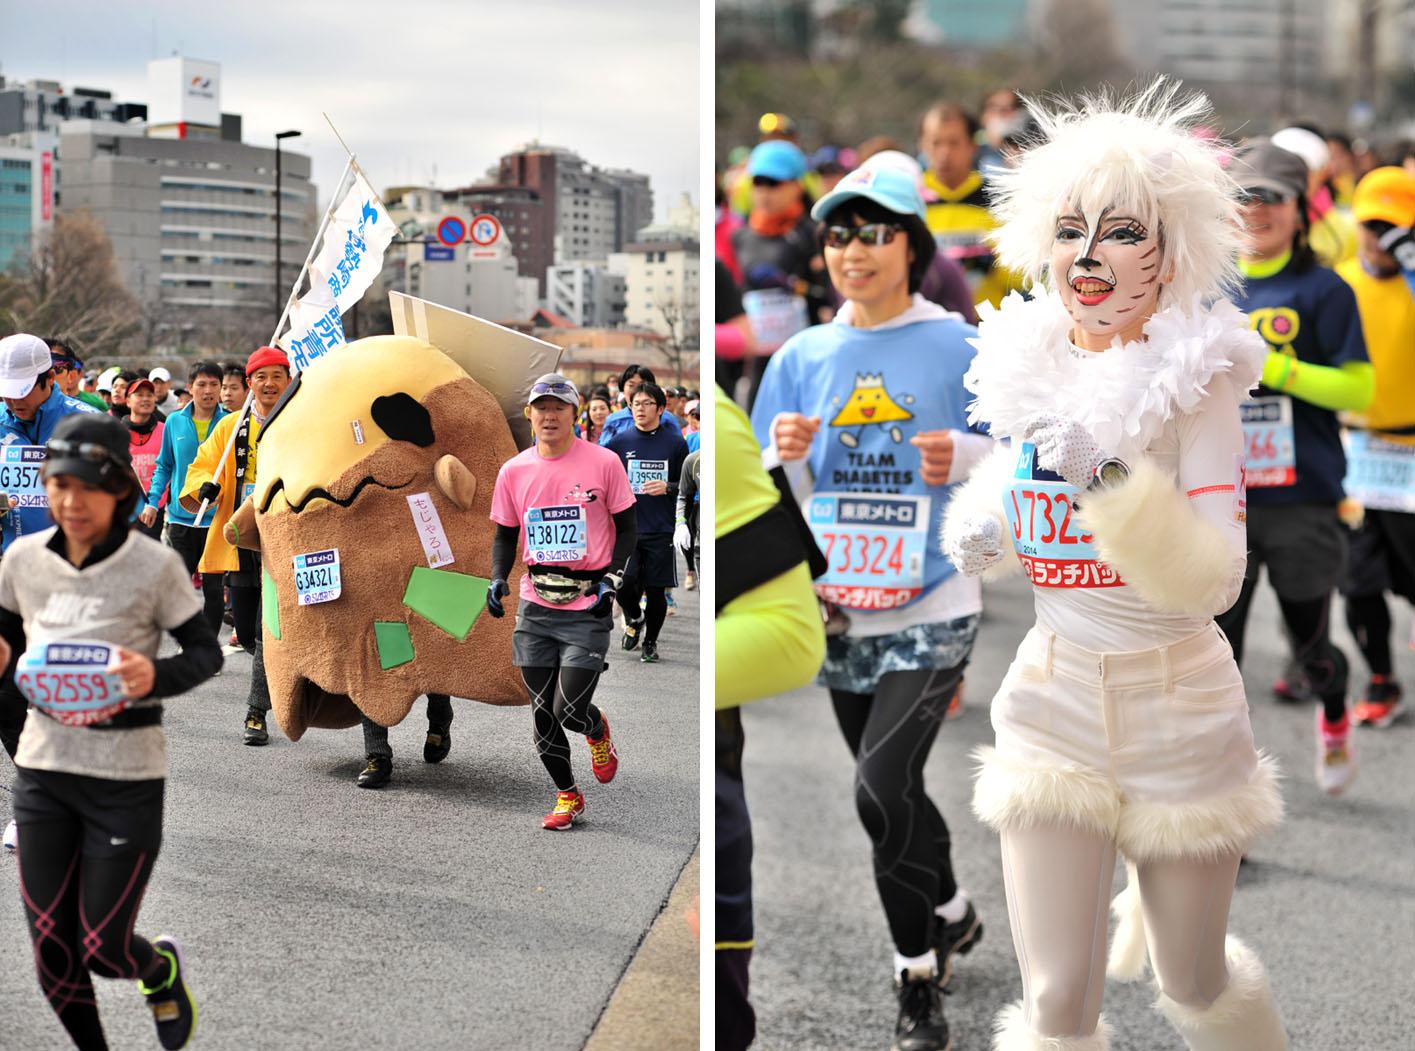 Необычные марафонские костюмы 17